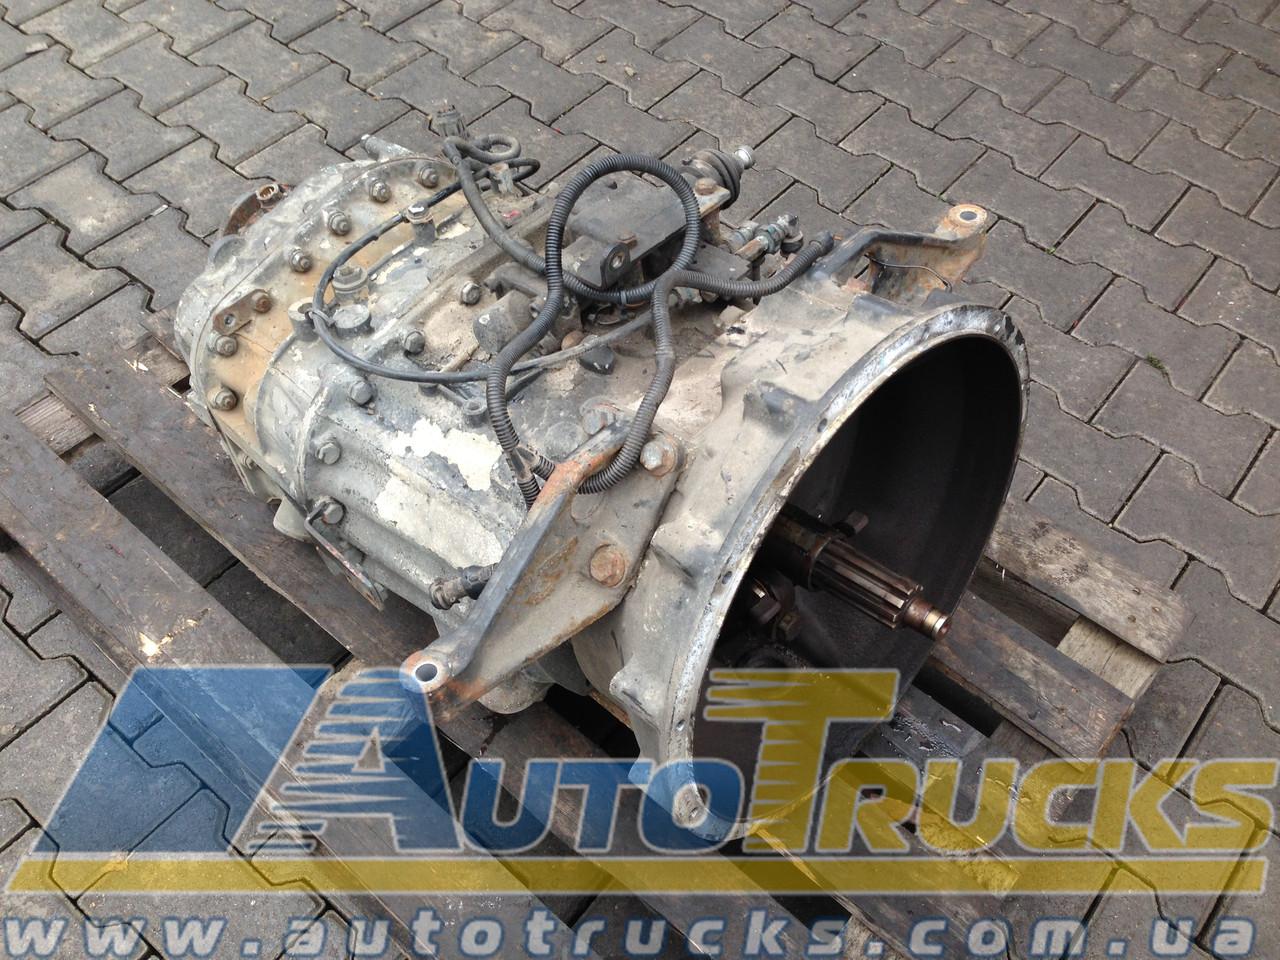 КПП механическая EATON FS 8309 LH Б/у для MAN (81320036493; 81320036620; 81320036955)